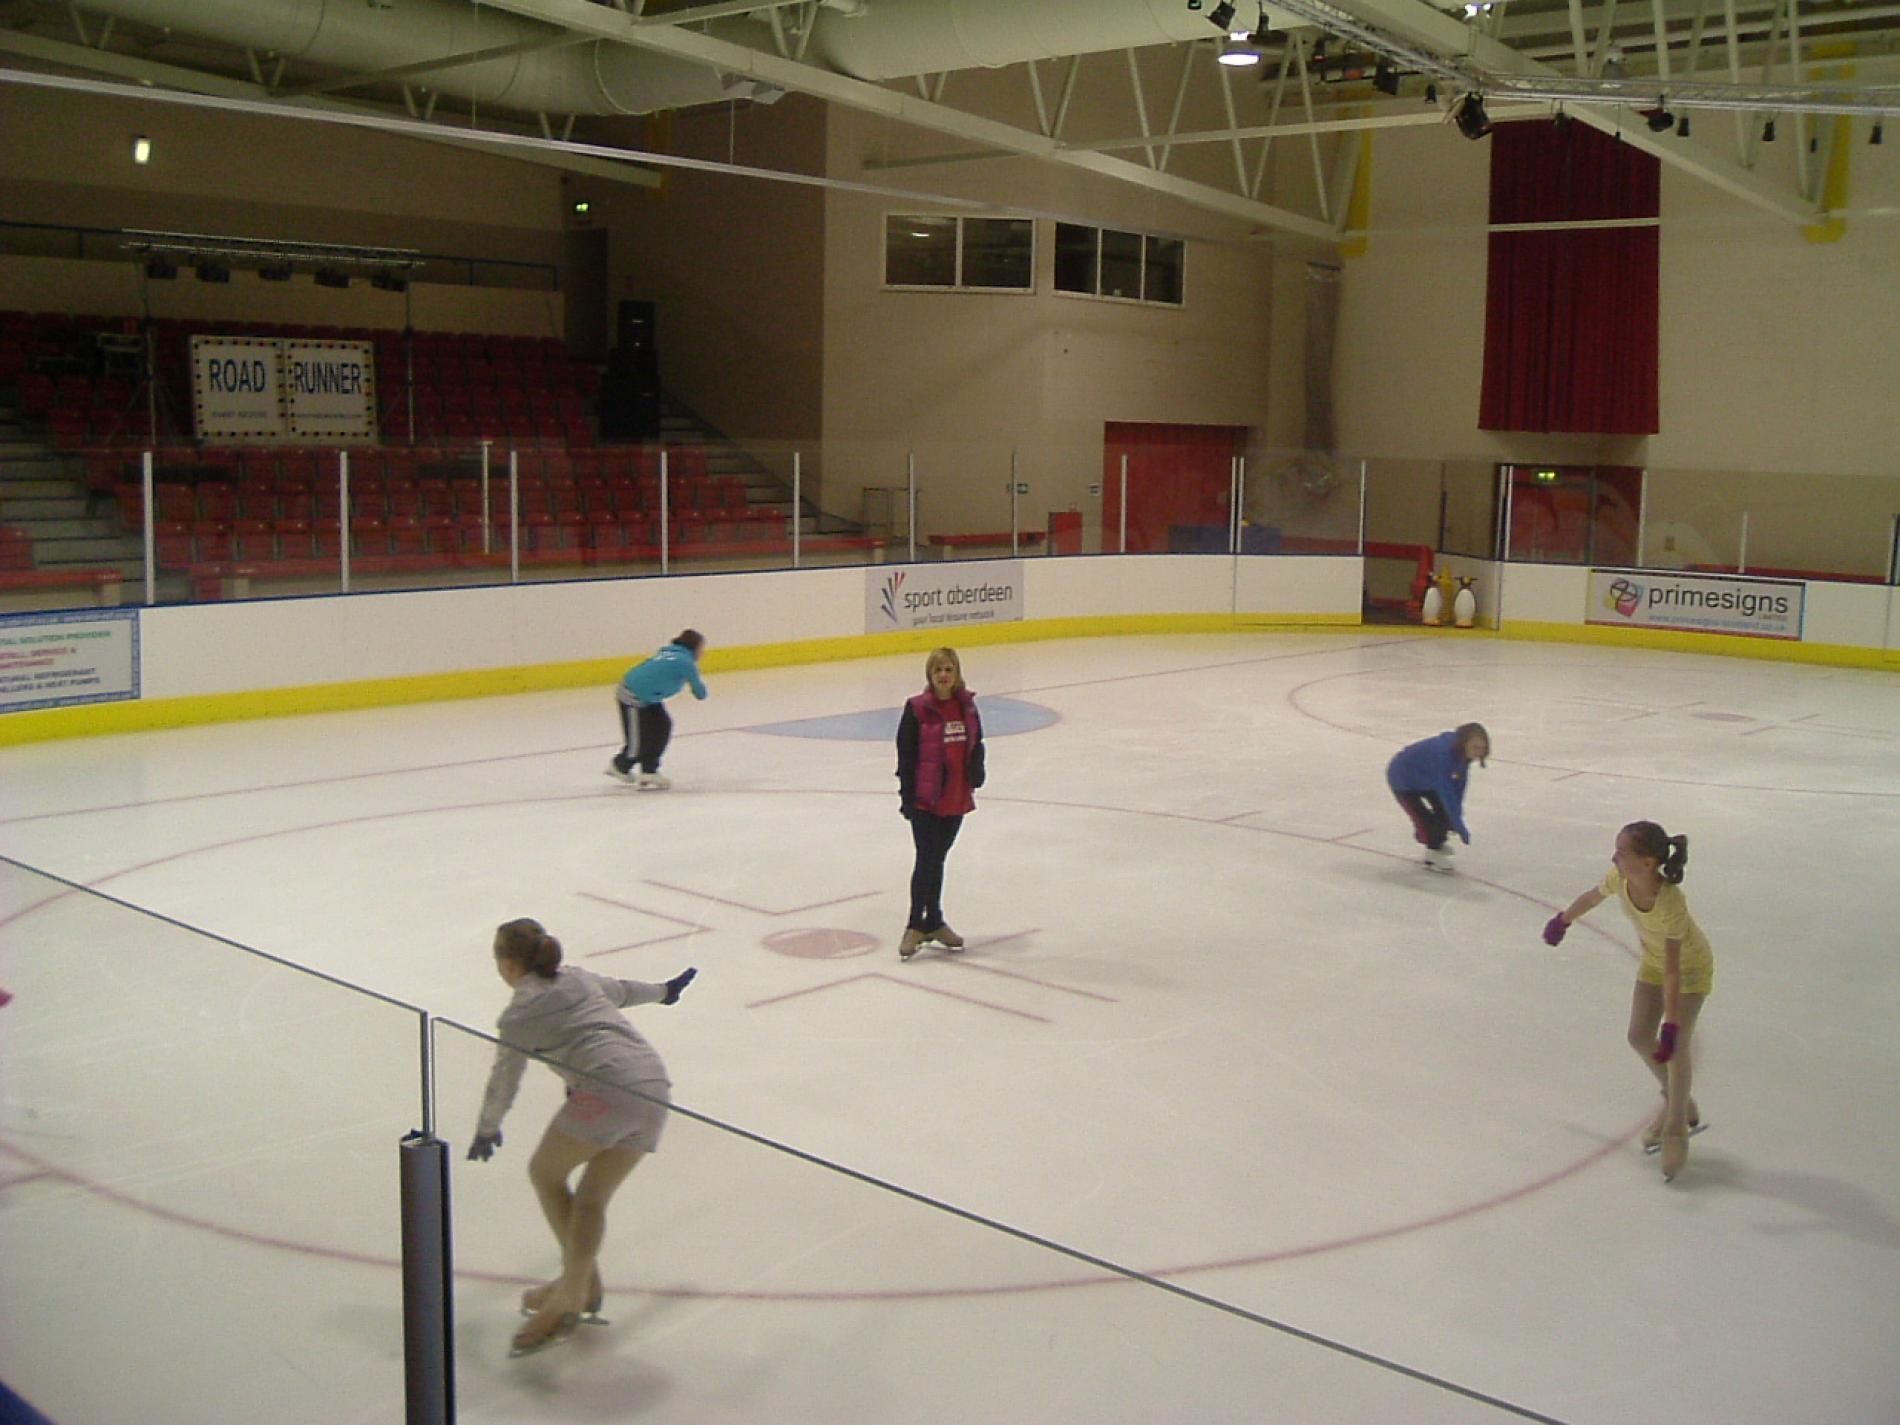 linx ice arena visitaberdeenshire